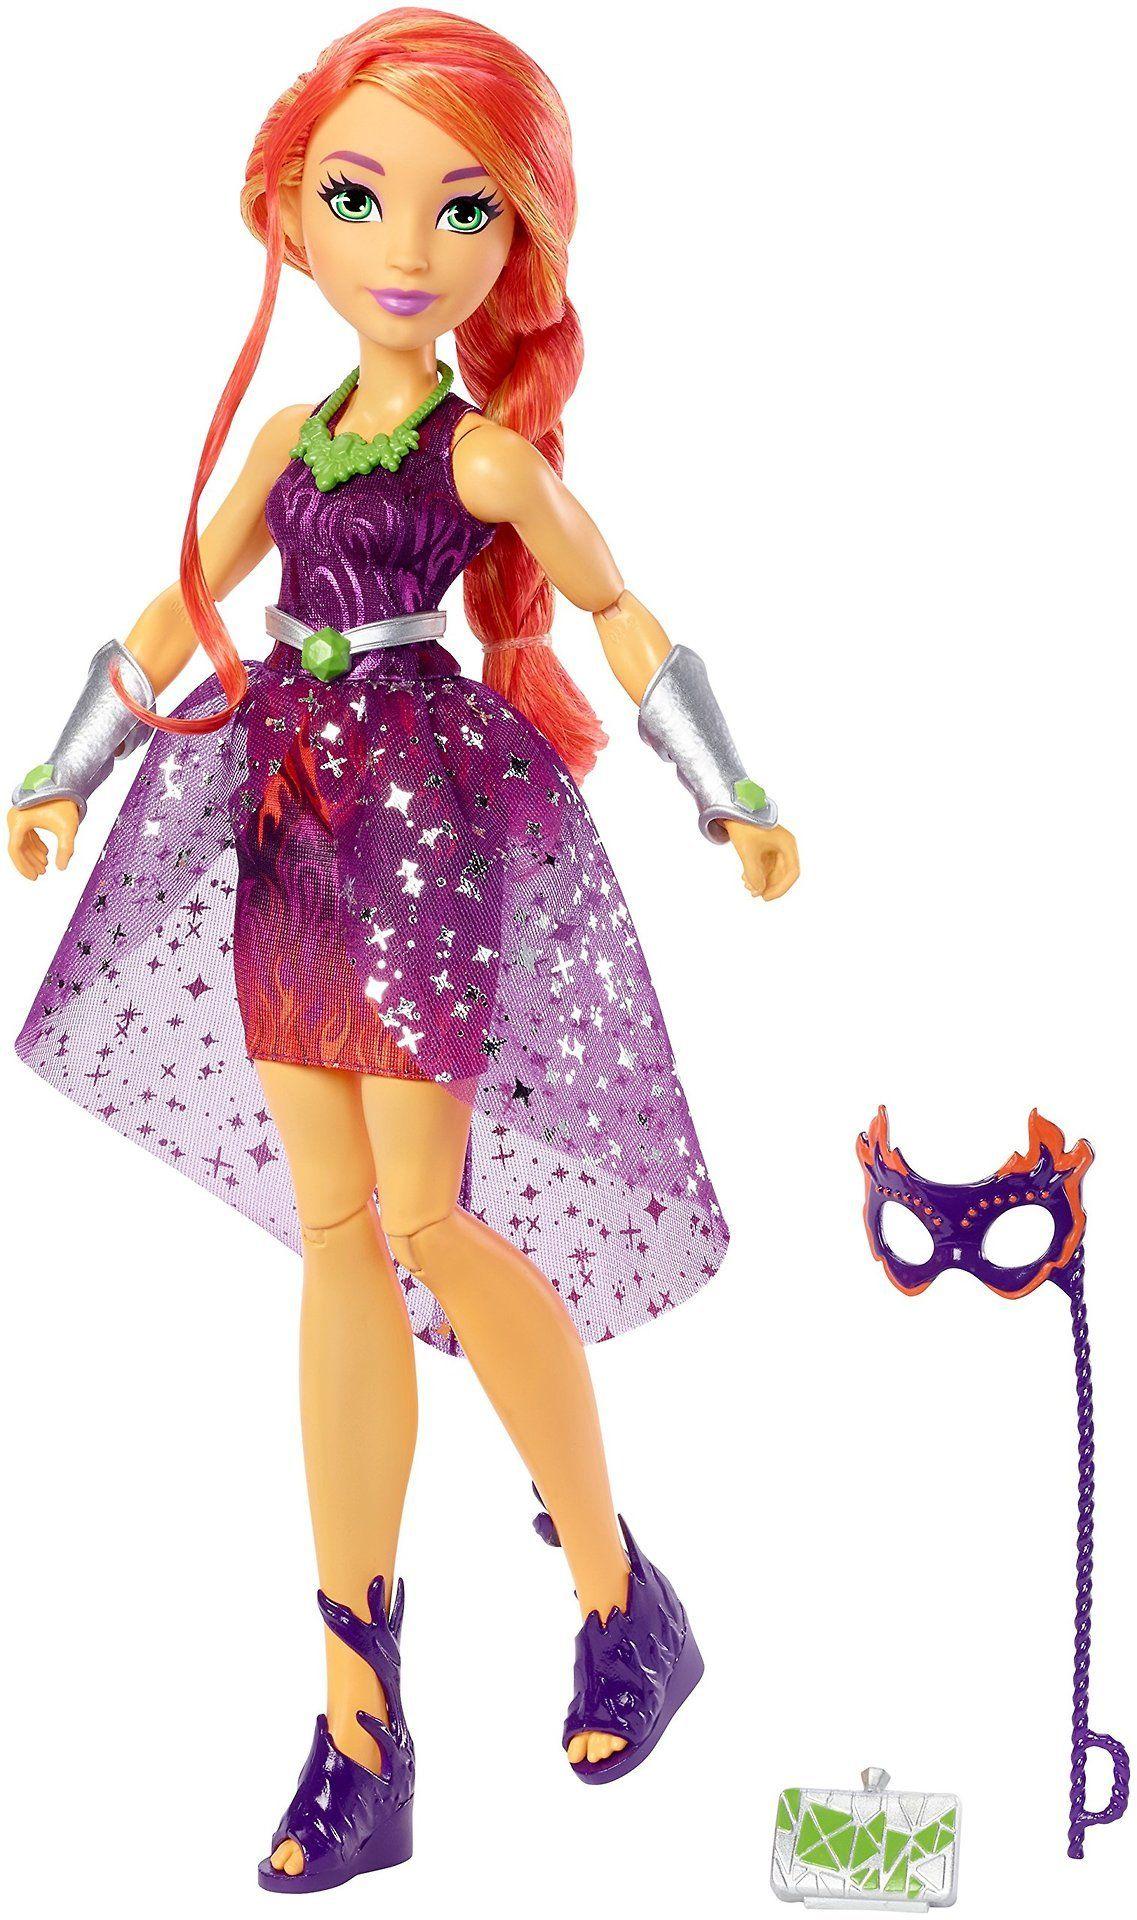 e2dcbf18054e44 DC Super Hero Girls pics - Monster High Dolls .com